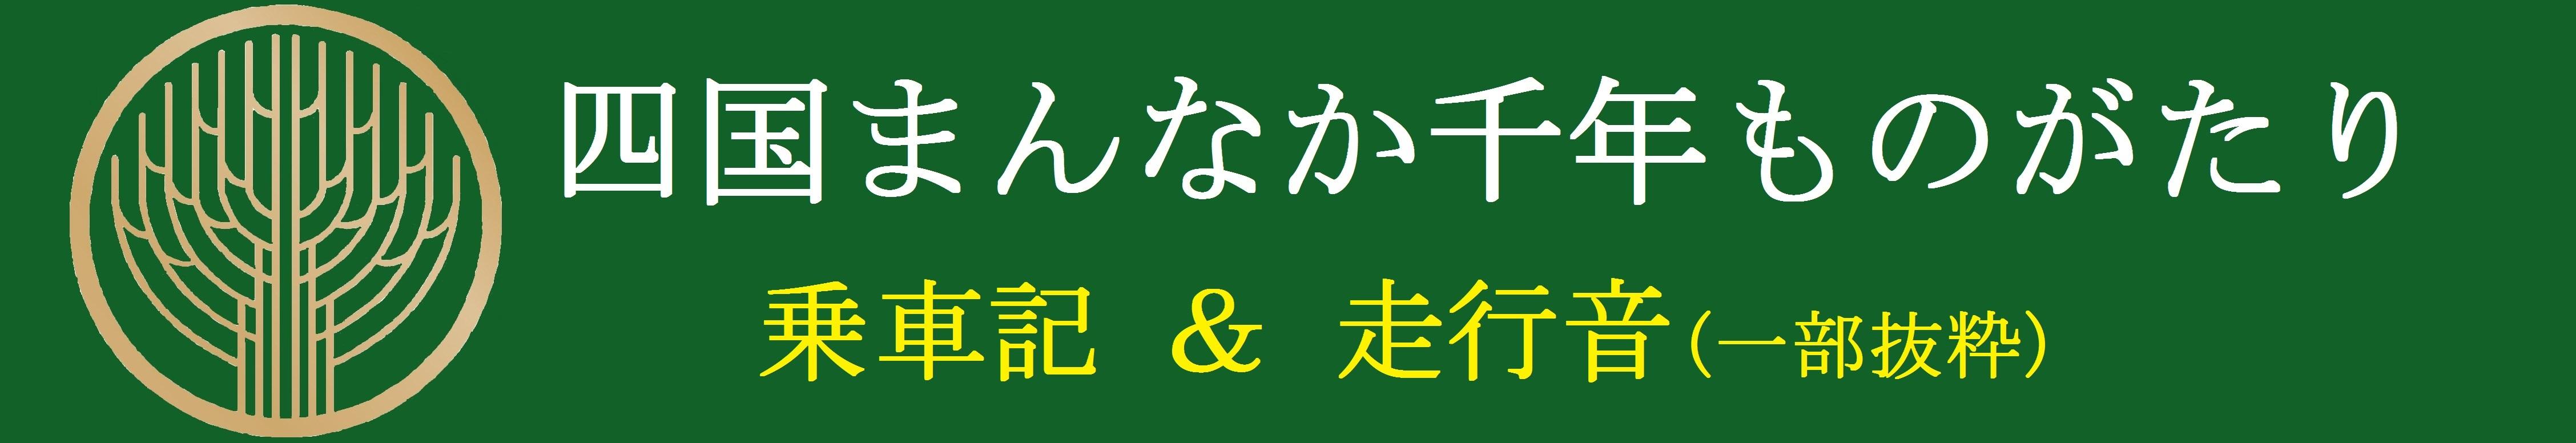 shikoku-mannaka.jpg